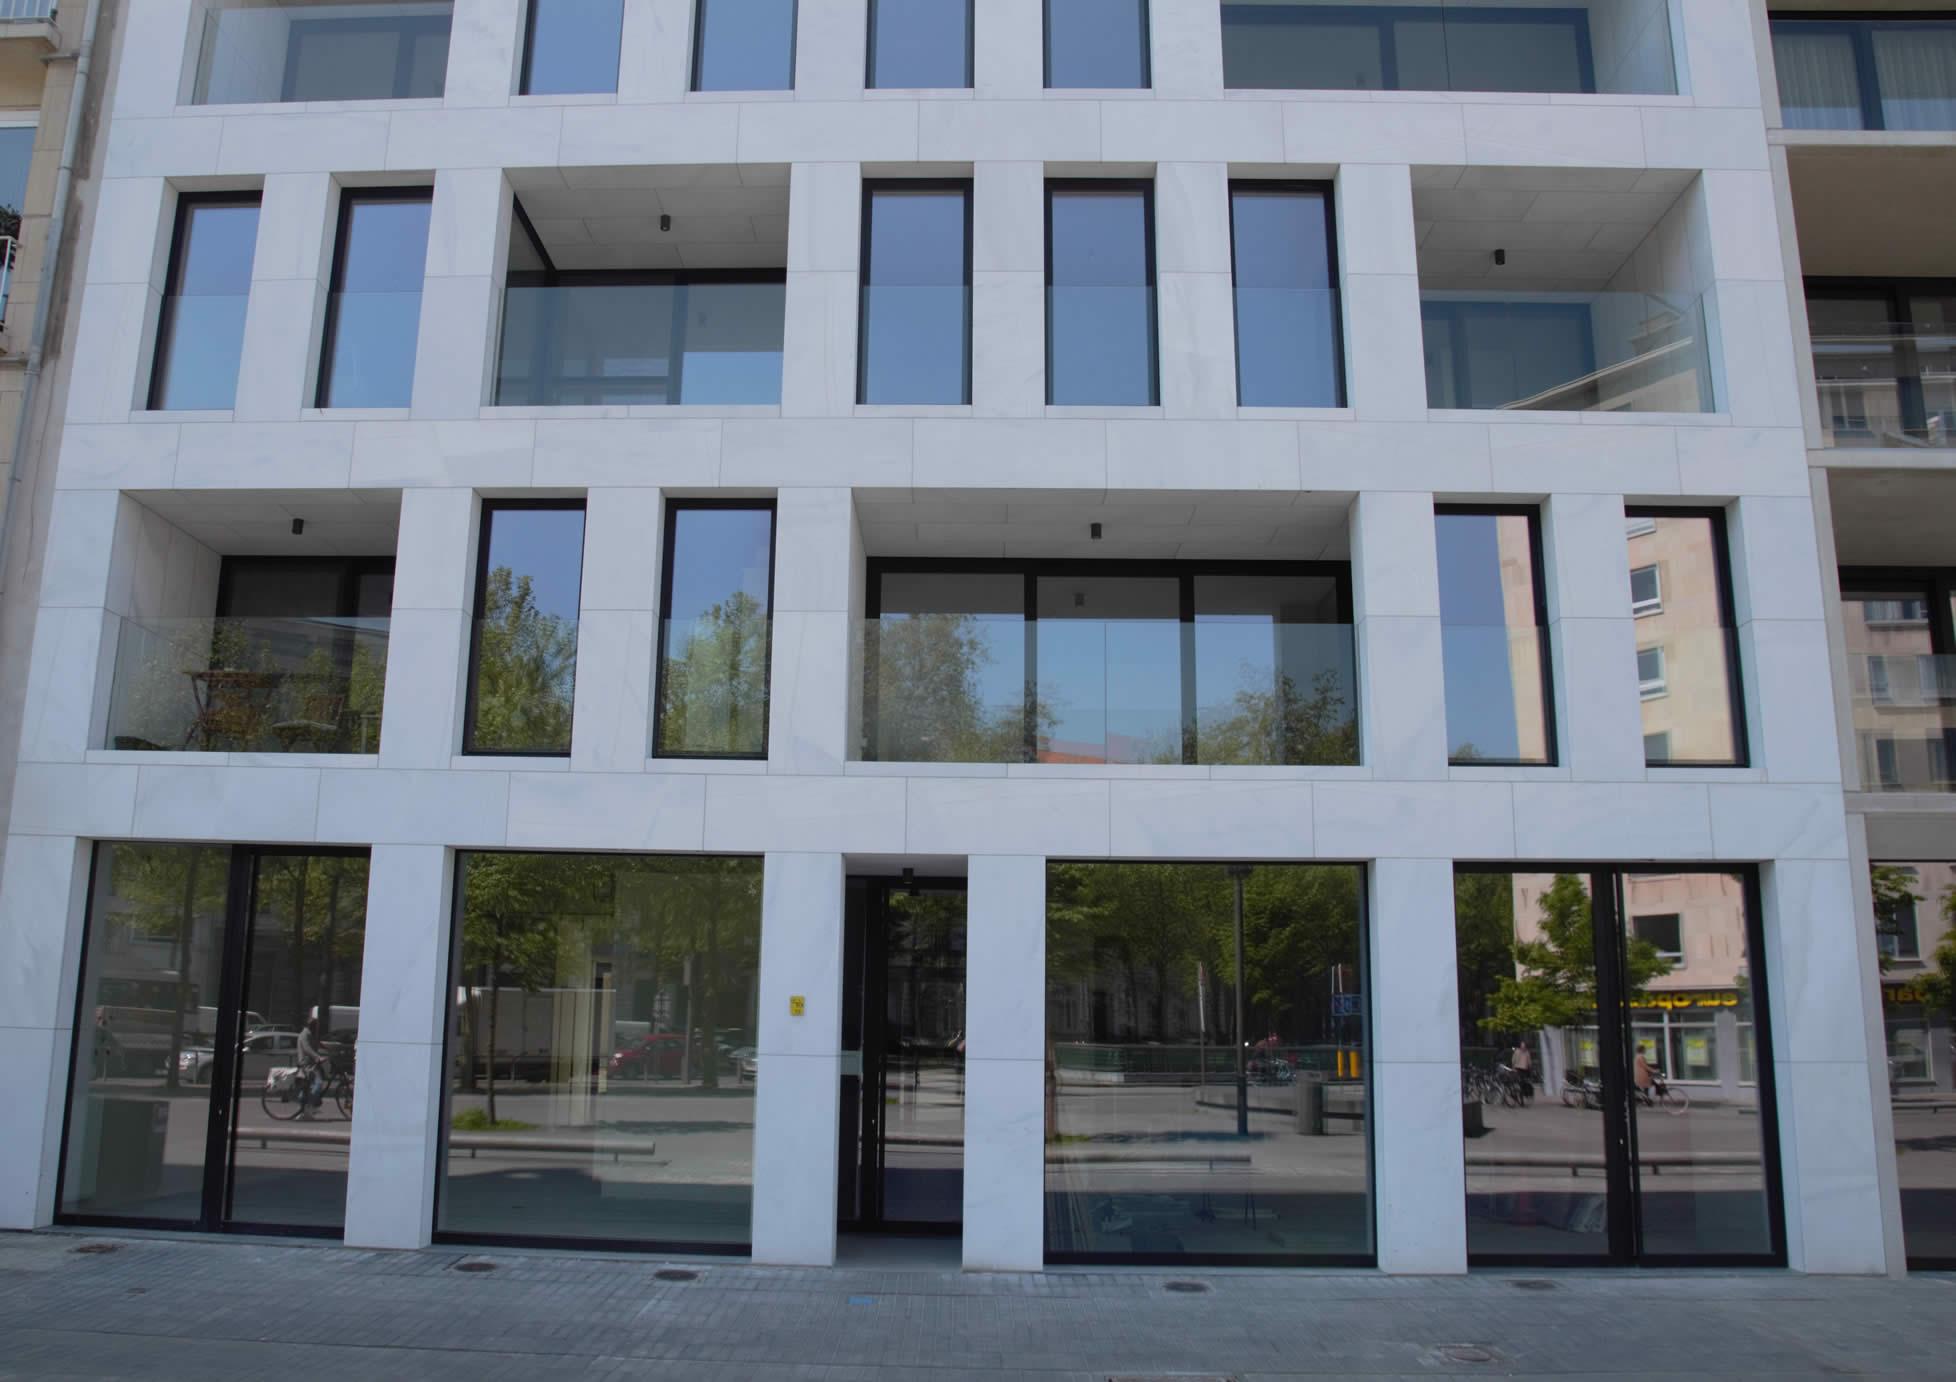 edificio-amberes-belgica-2